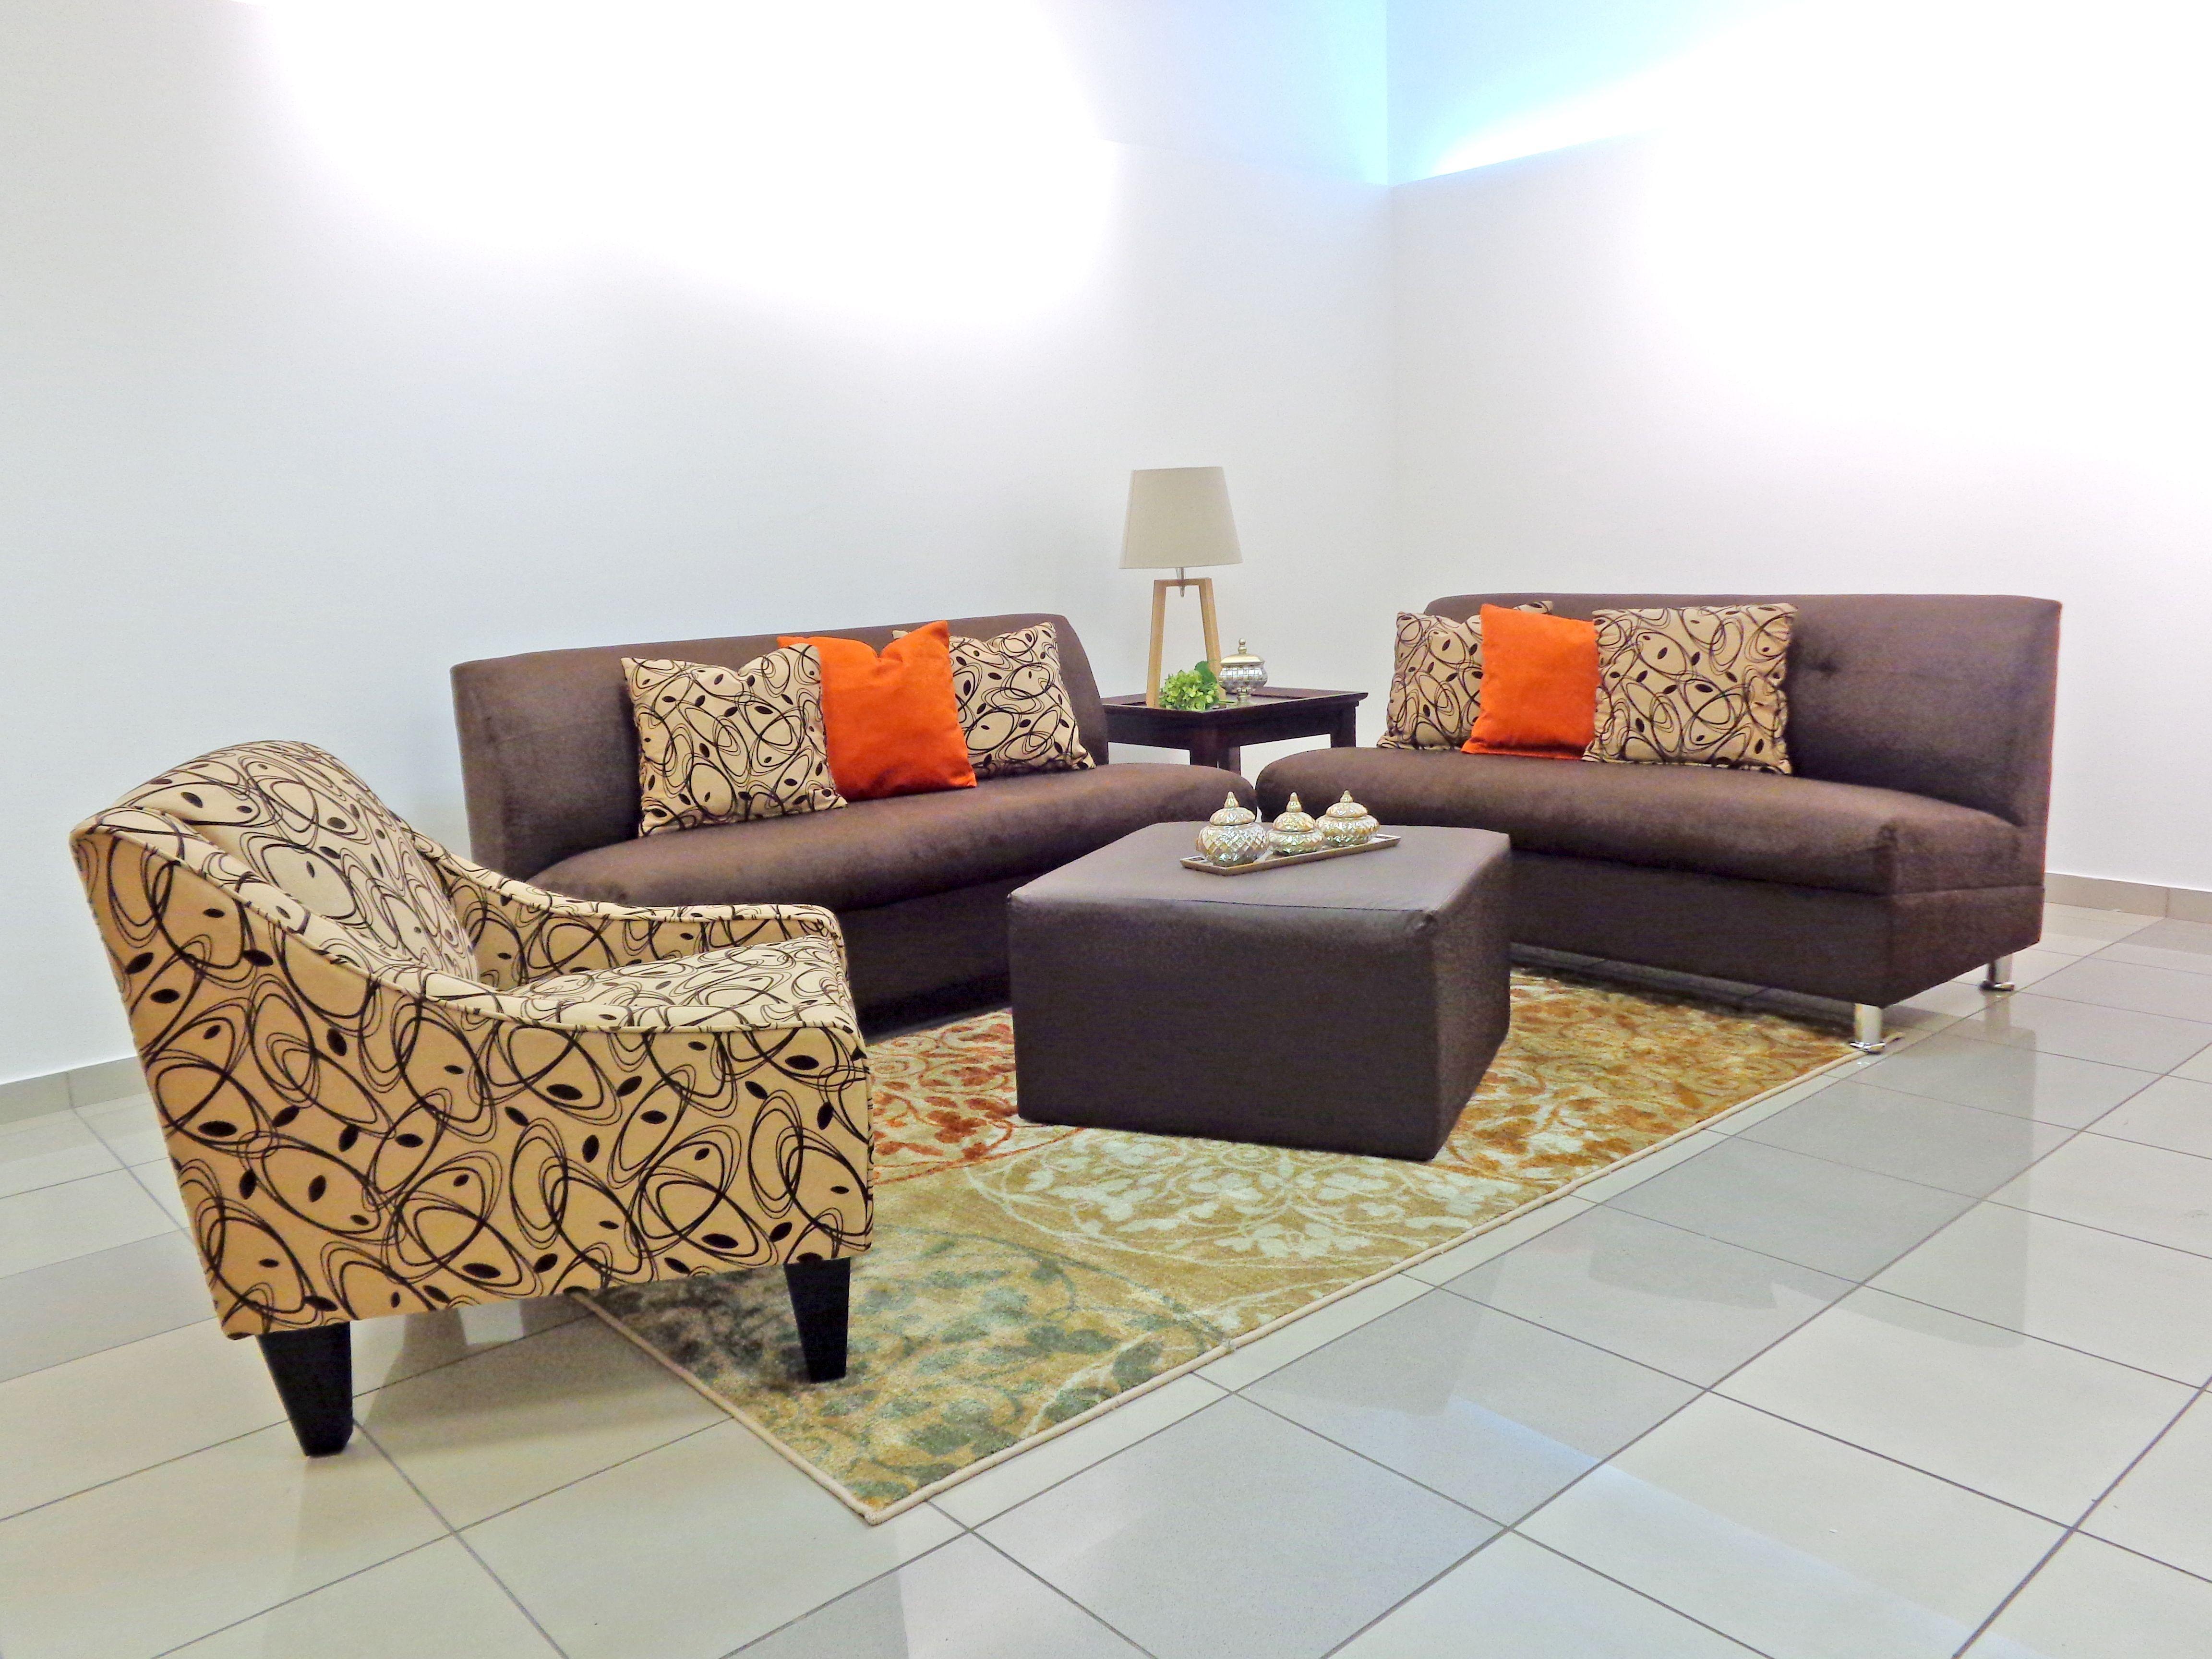 Juego De Sala 2 Sofas Mod Veranda Silla Ocasional De Tela Mod Fusion Home Decor Furniture Sectional Couch